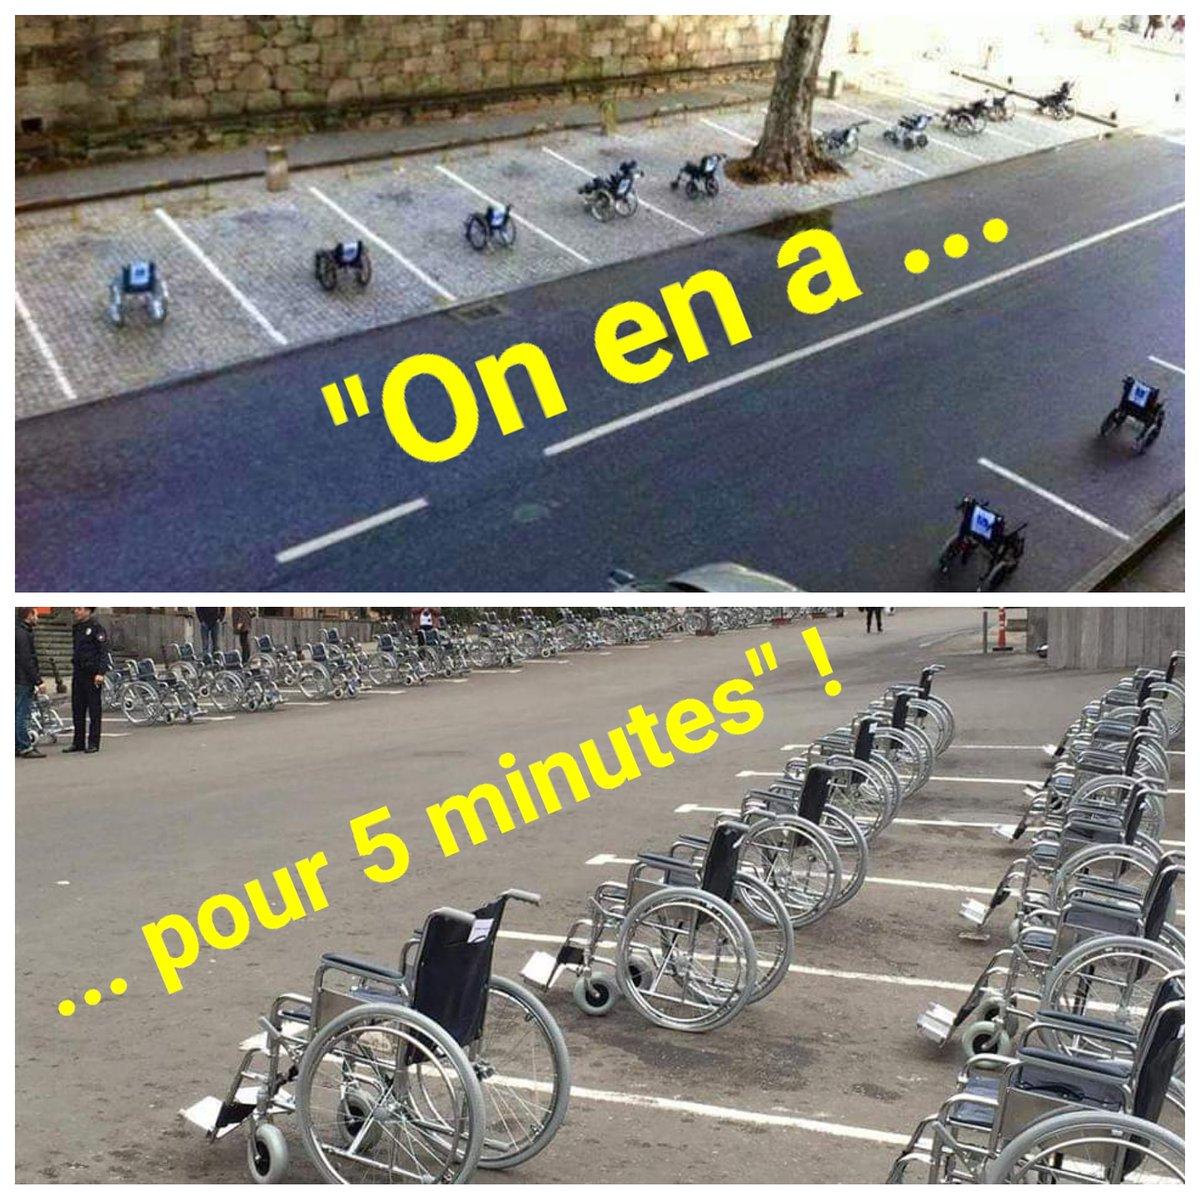 Le monde à l'envers ! #Handicap #StationnementHandi #HandiValide #HandiPower https://t.co/yQ42DOK568